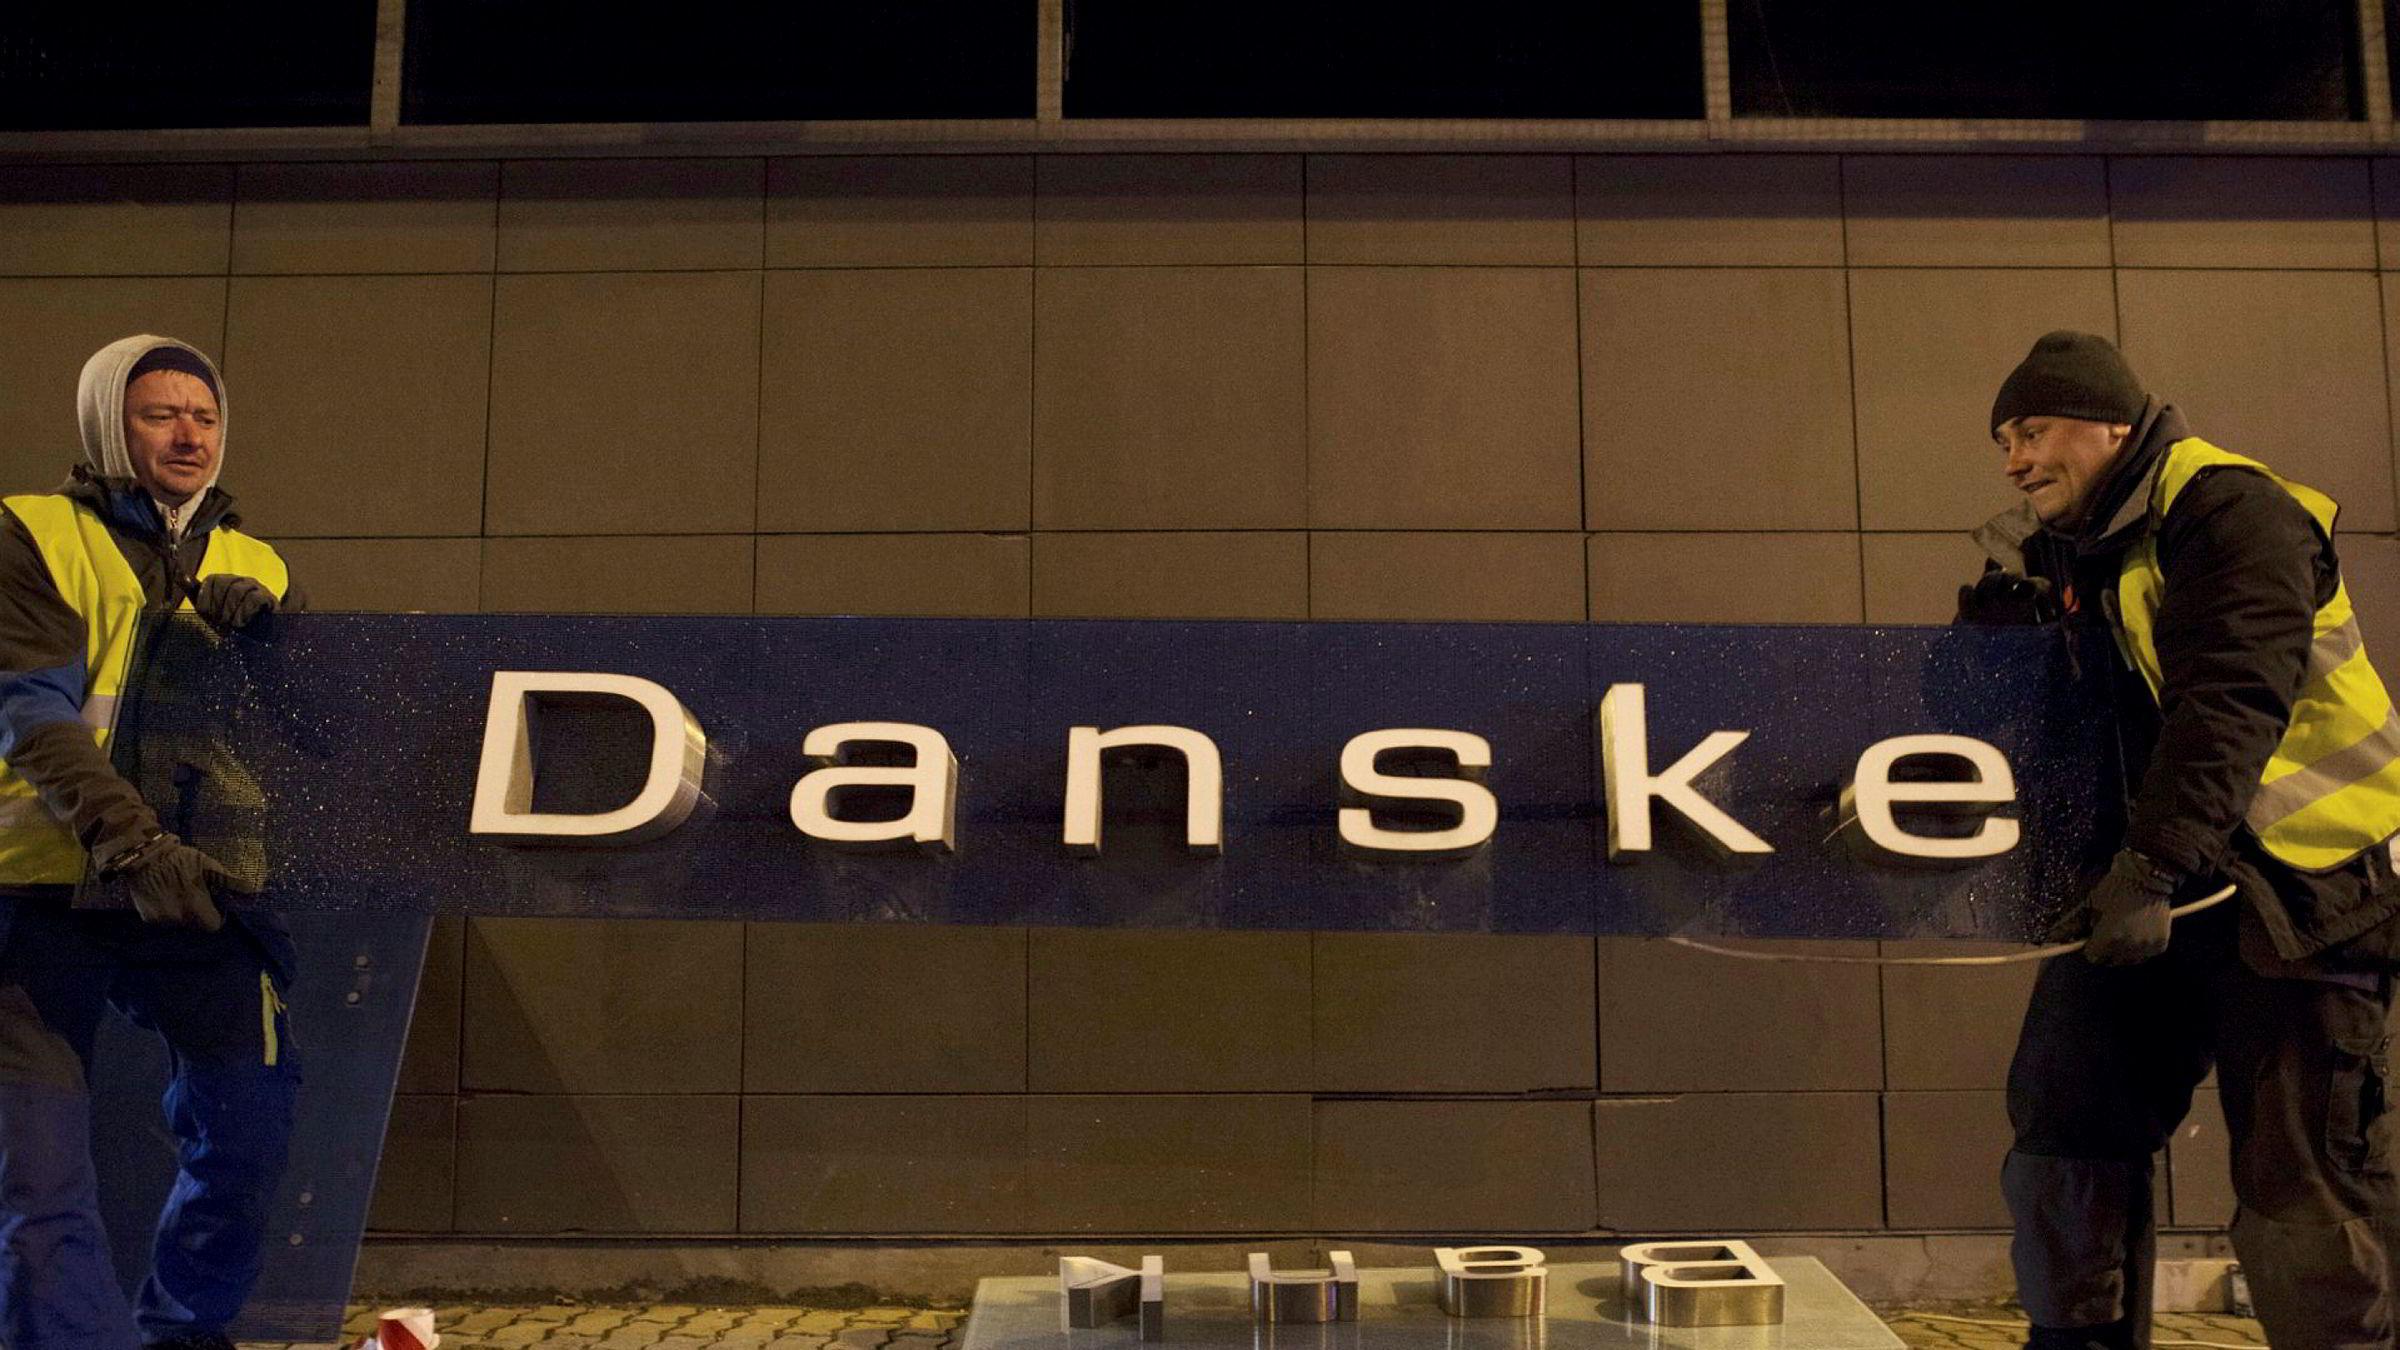 Det har stormet rundt Danske Bank etter hvitvaskingskandalen i Estland. Her fjerner arbeidere skiltene til bankens filial i Tallinn i Estland 5. oktober 2019.